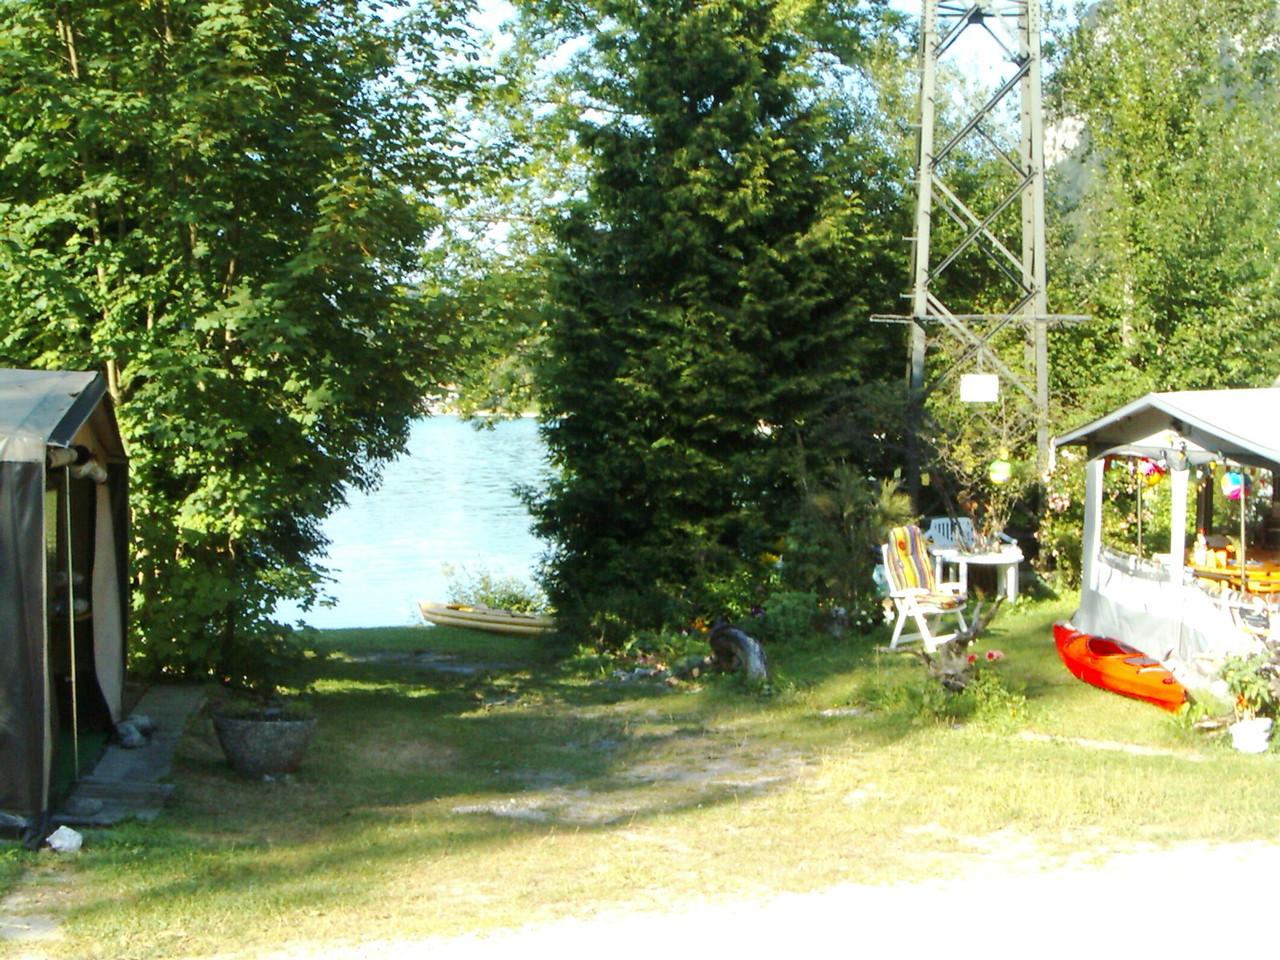 Und der See ist unmittelbar vor unserer Nase.